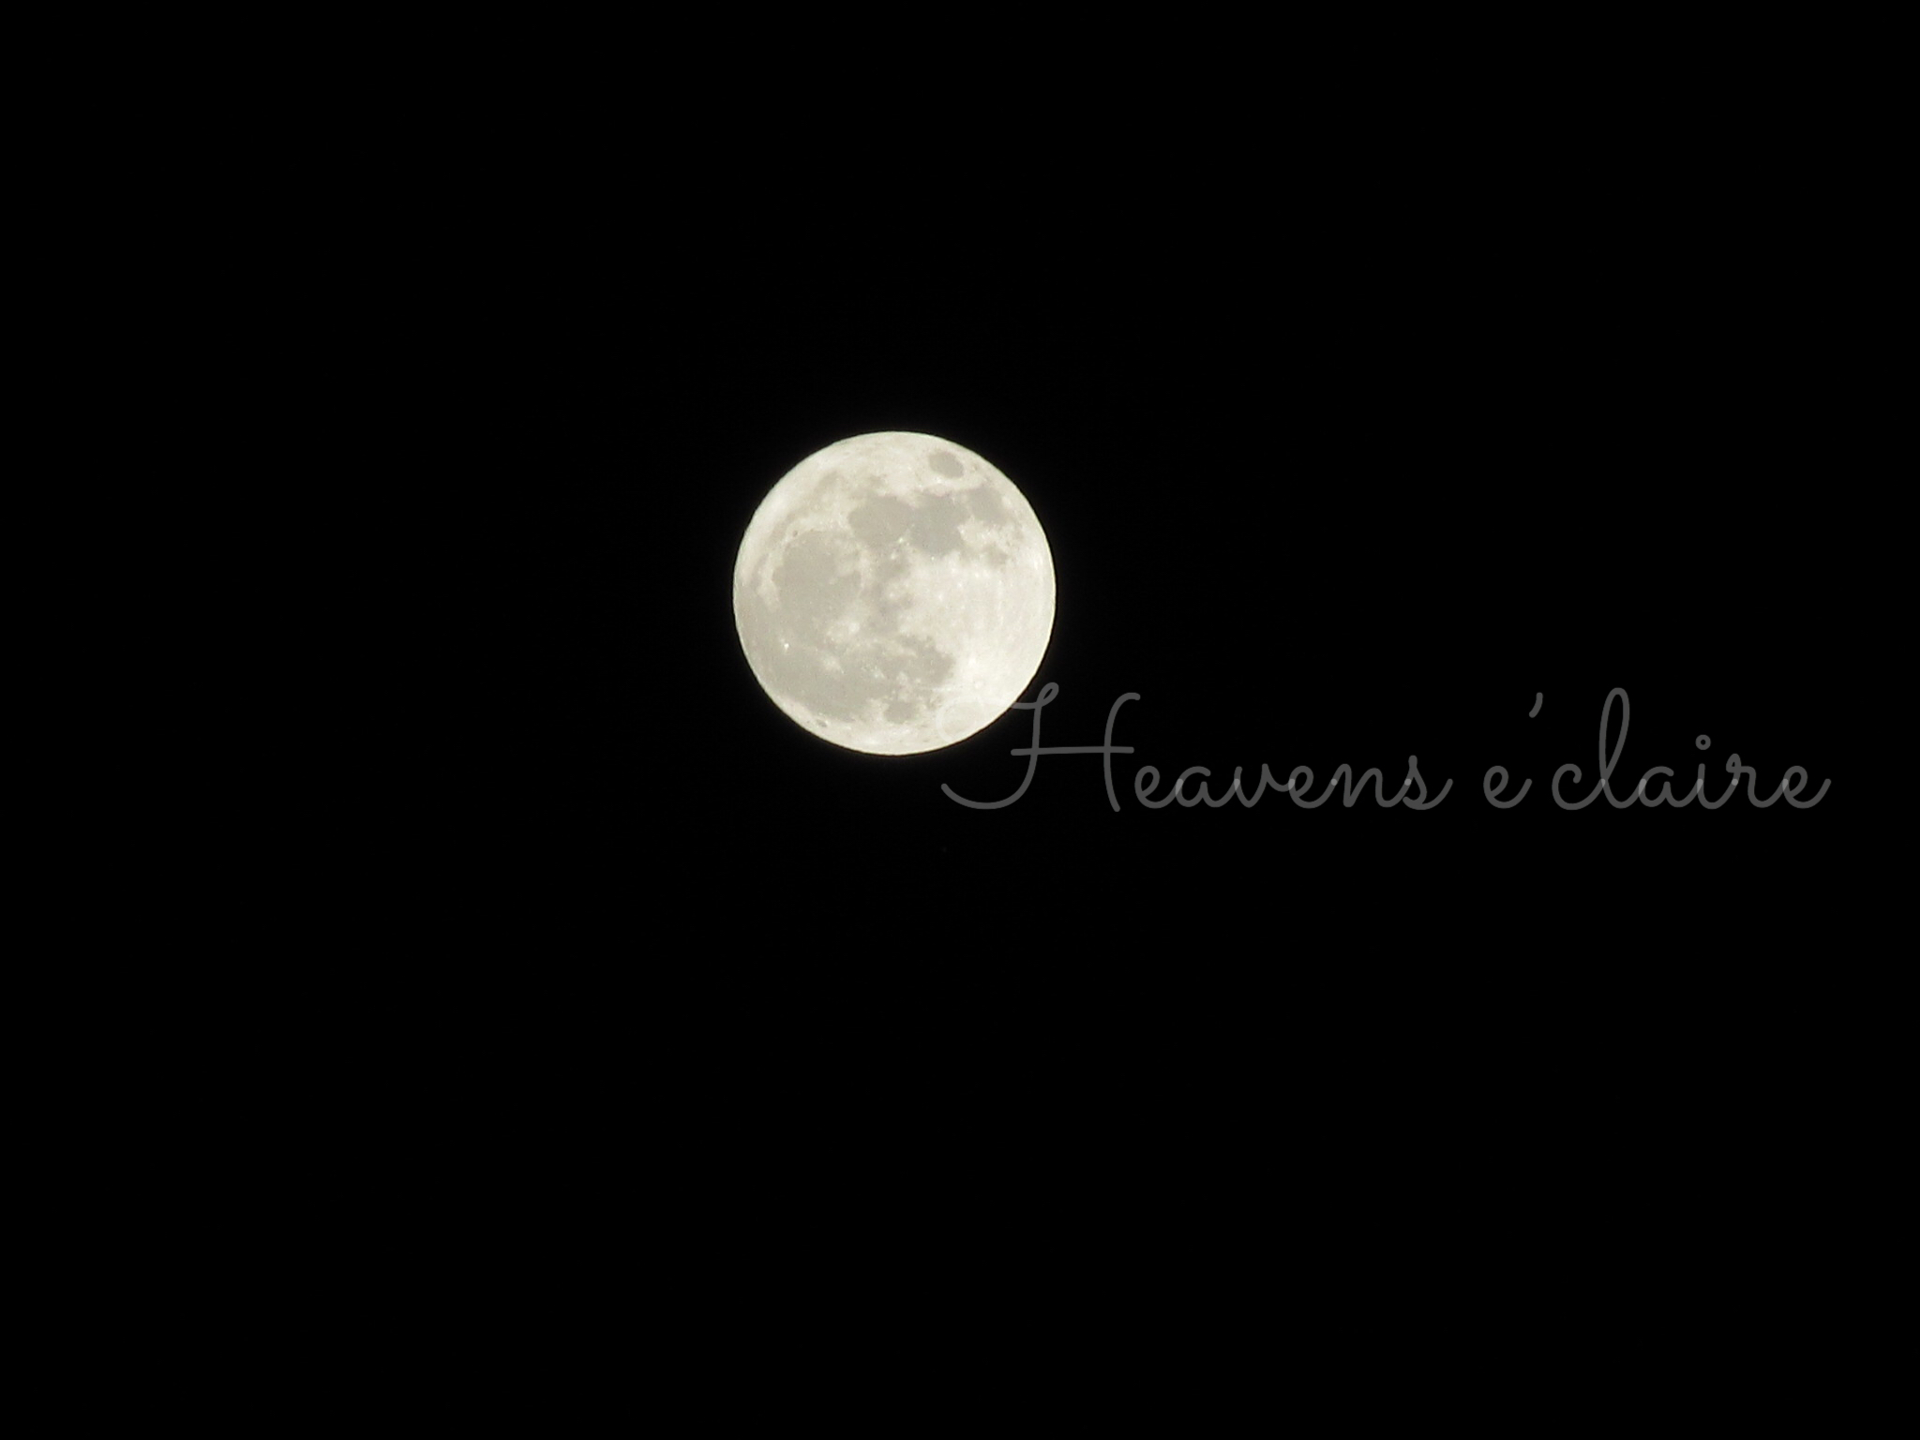 ヘヴンズエクレール 月